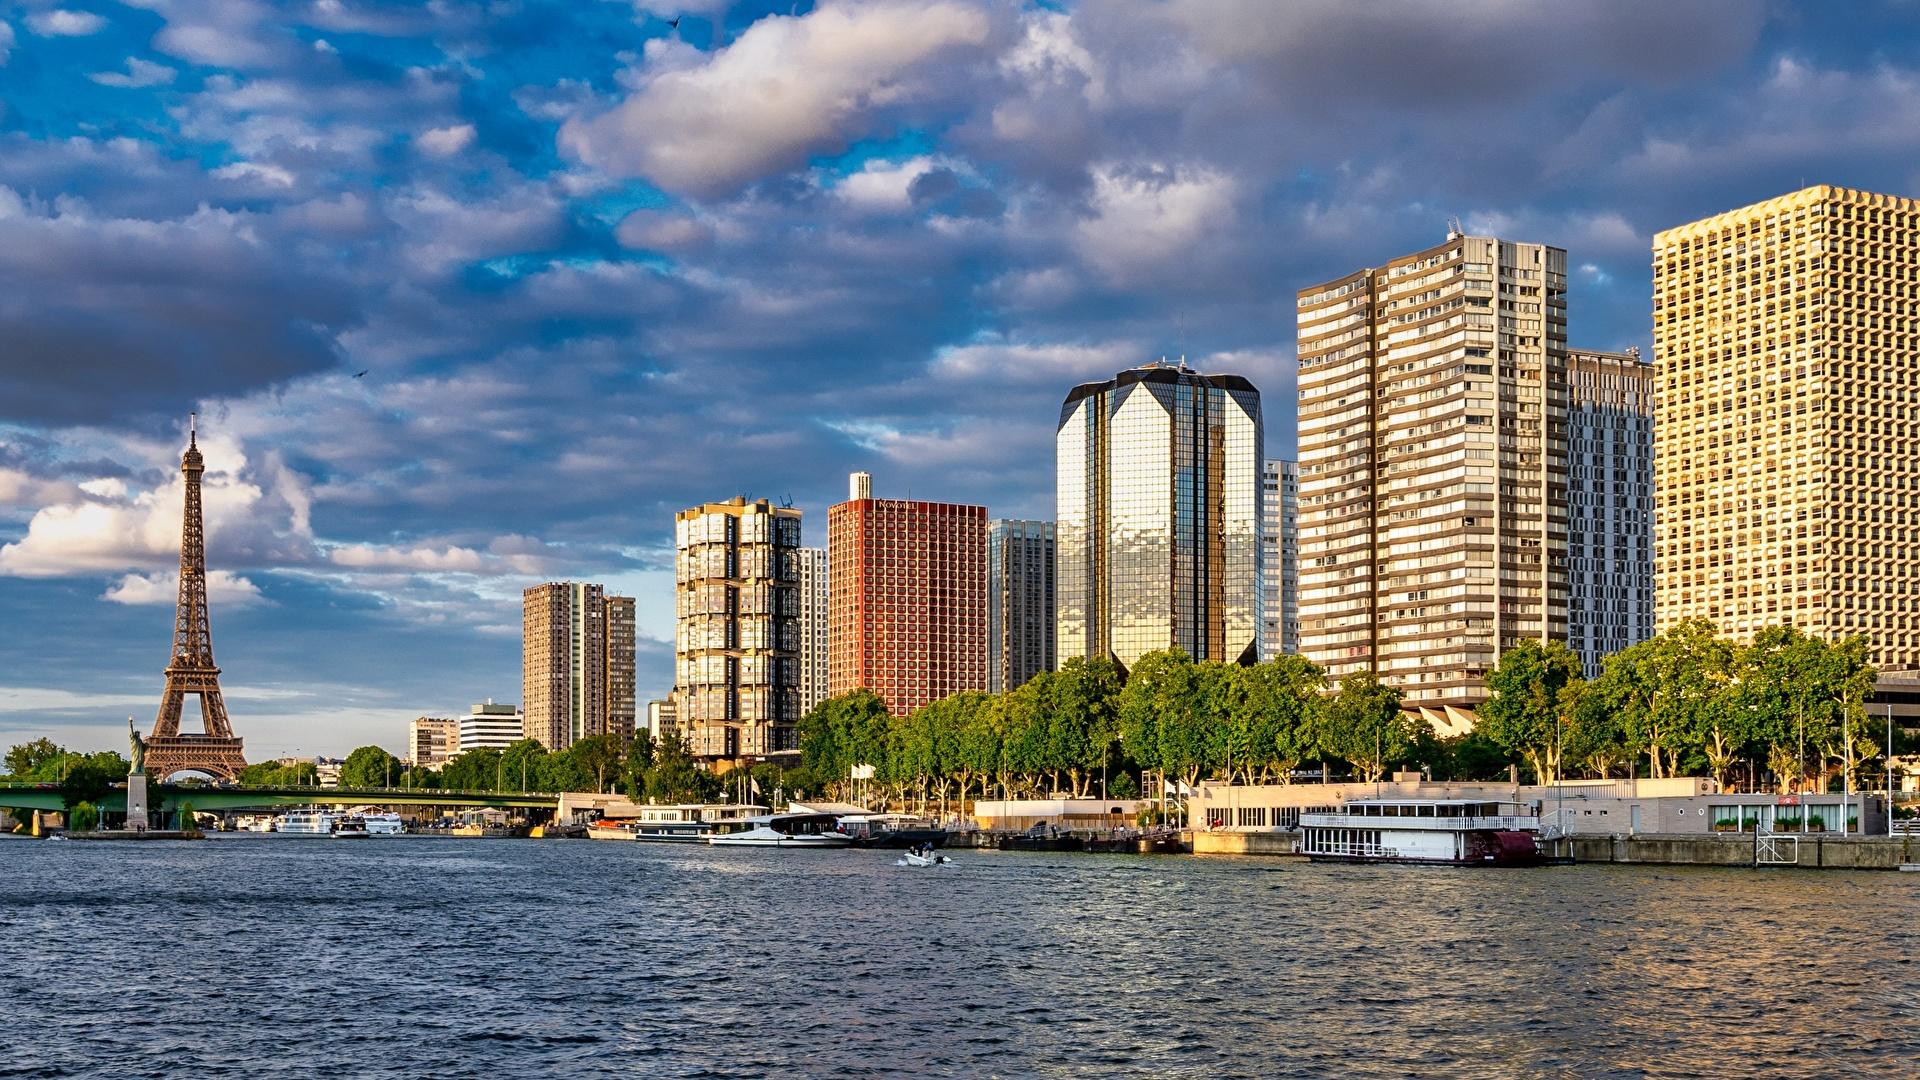 Обои для рабочего стола Париж Эйфелева башня Франция Seine Мосты Речные суда река Города Здания 1920x1080 париже мост Реки речка Дома город